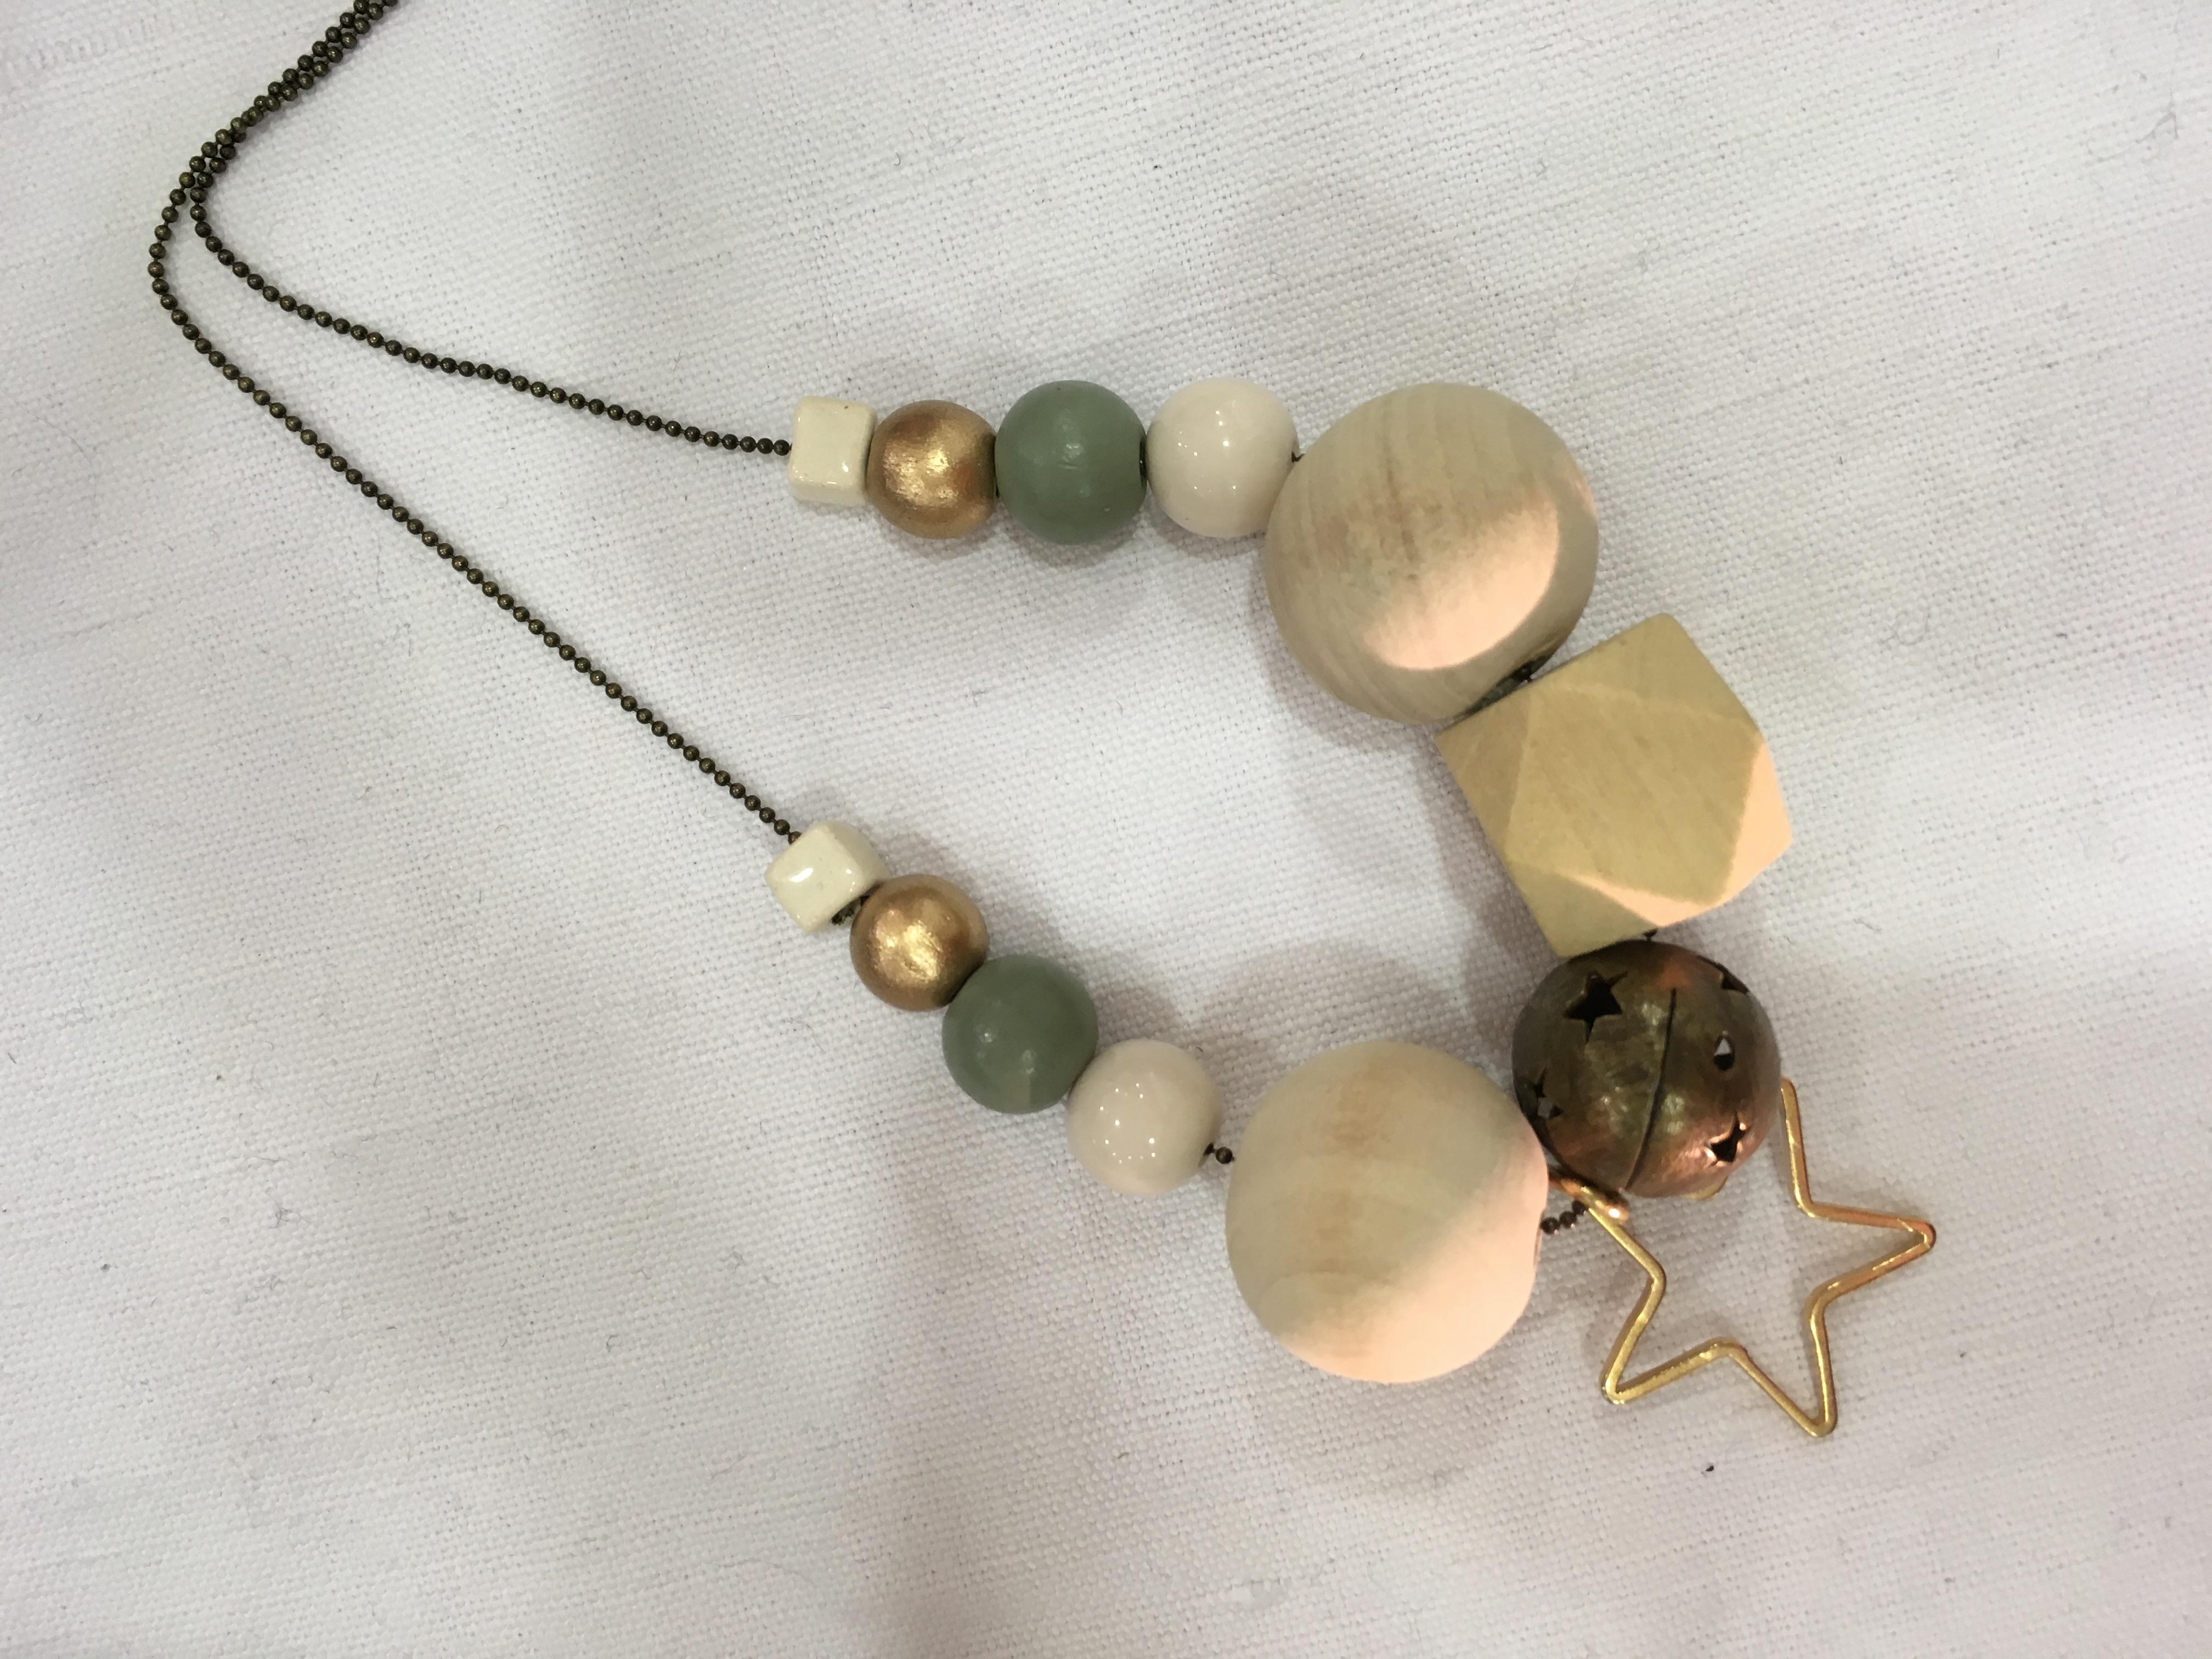 Sautoir composé de grosses perles en bois naturel, vert clair, en laiton et porcelaine, avec breloque étoile, le tout monté sur une chaîne à billes en laiton bronze